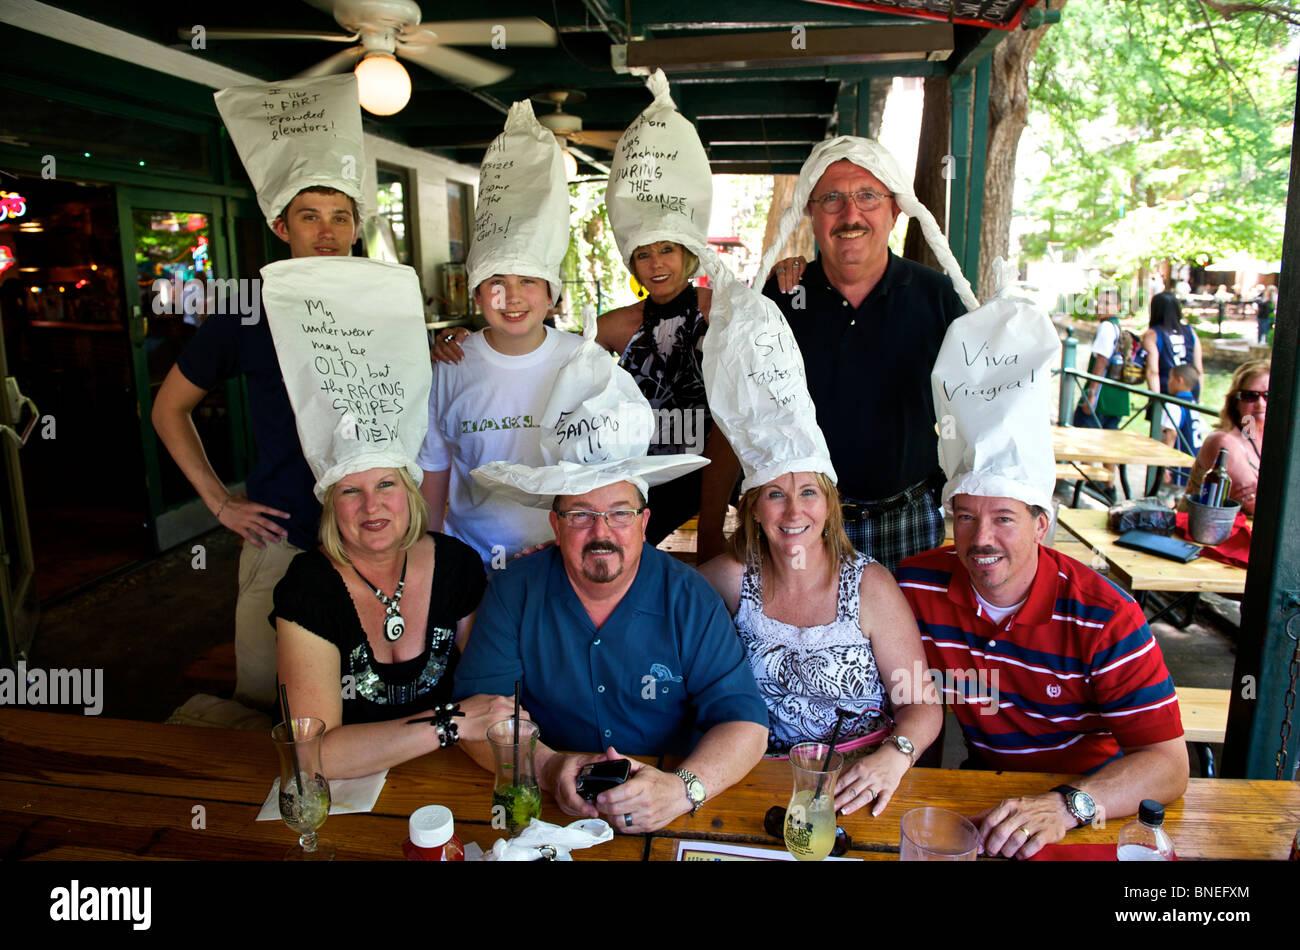 Famille étrange posant pour l'appareil photo à un anniversaire à la River Walk, San Antonio, Texas, États-Unis Banque D'Images